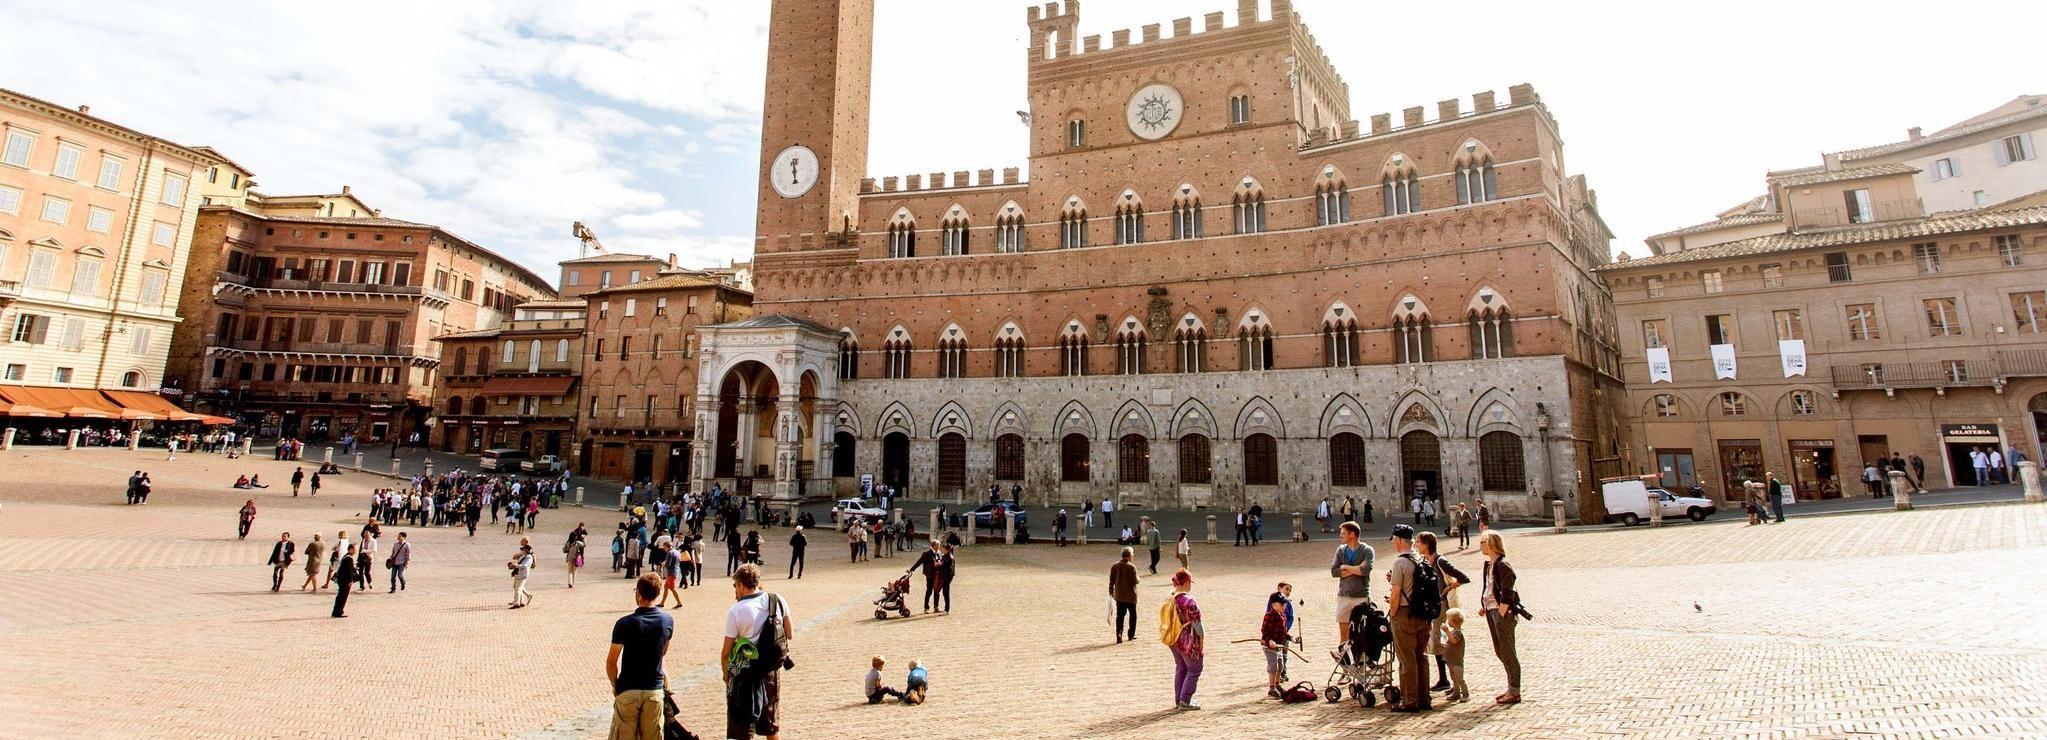 Ab Florenz: Tour nach Siena, San Gimignano und Monteriggioni